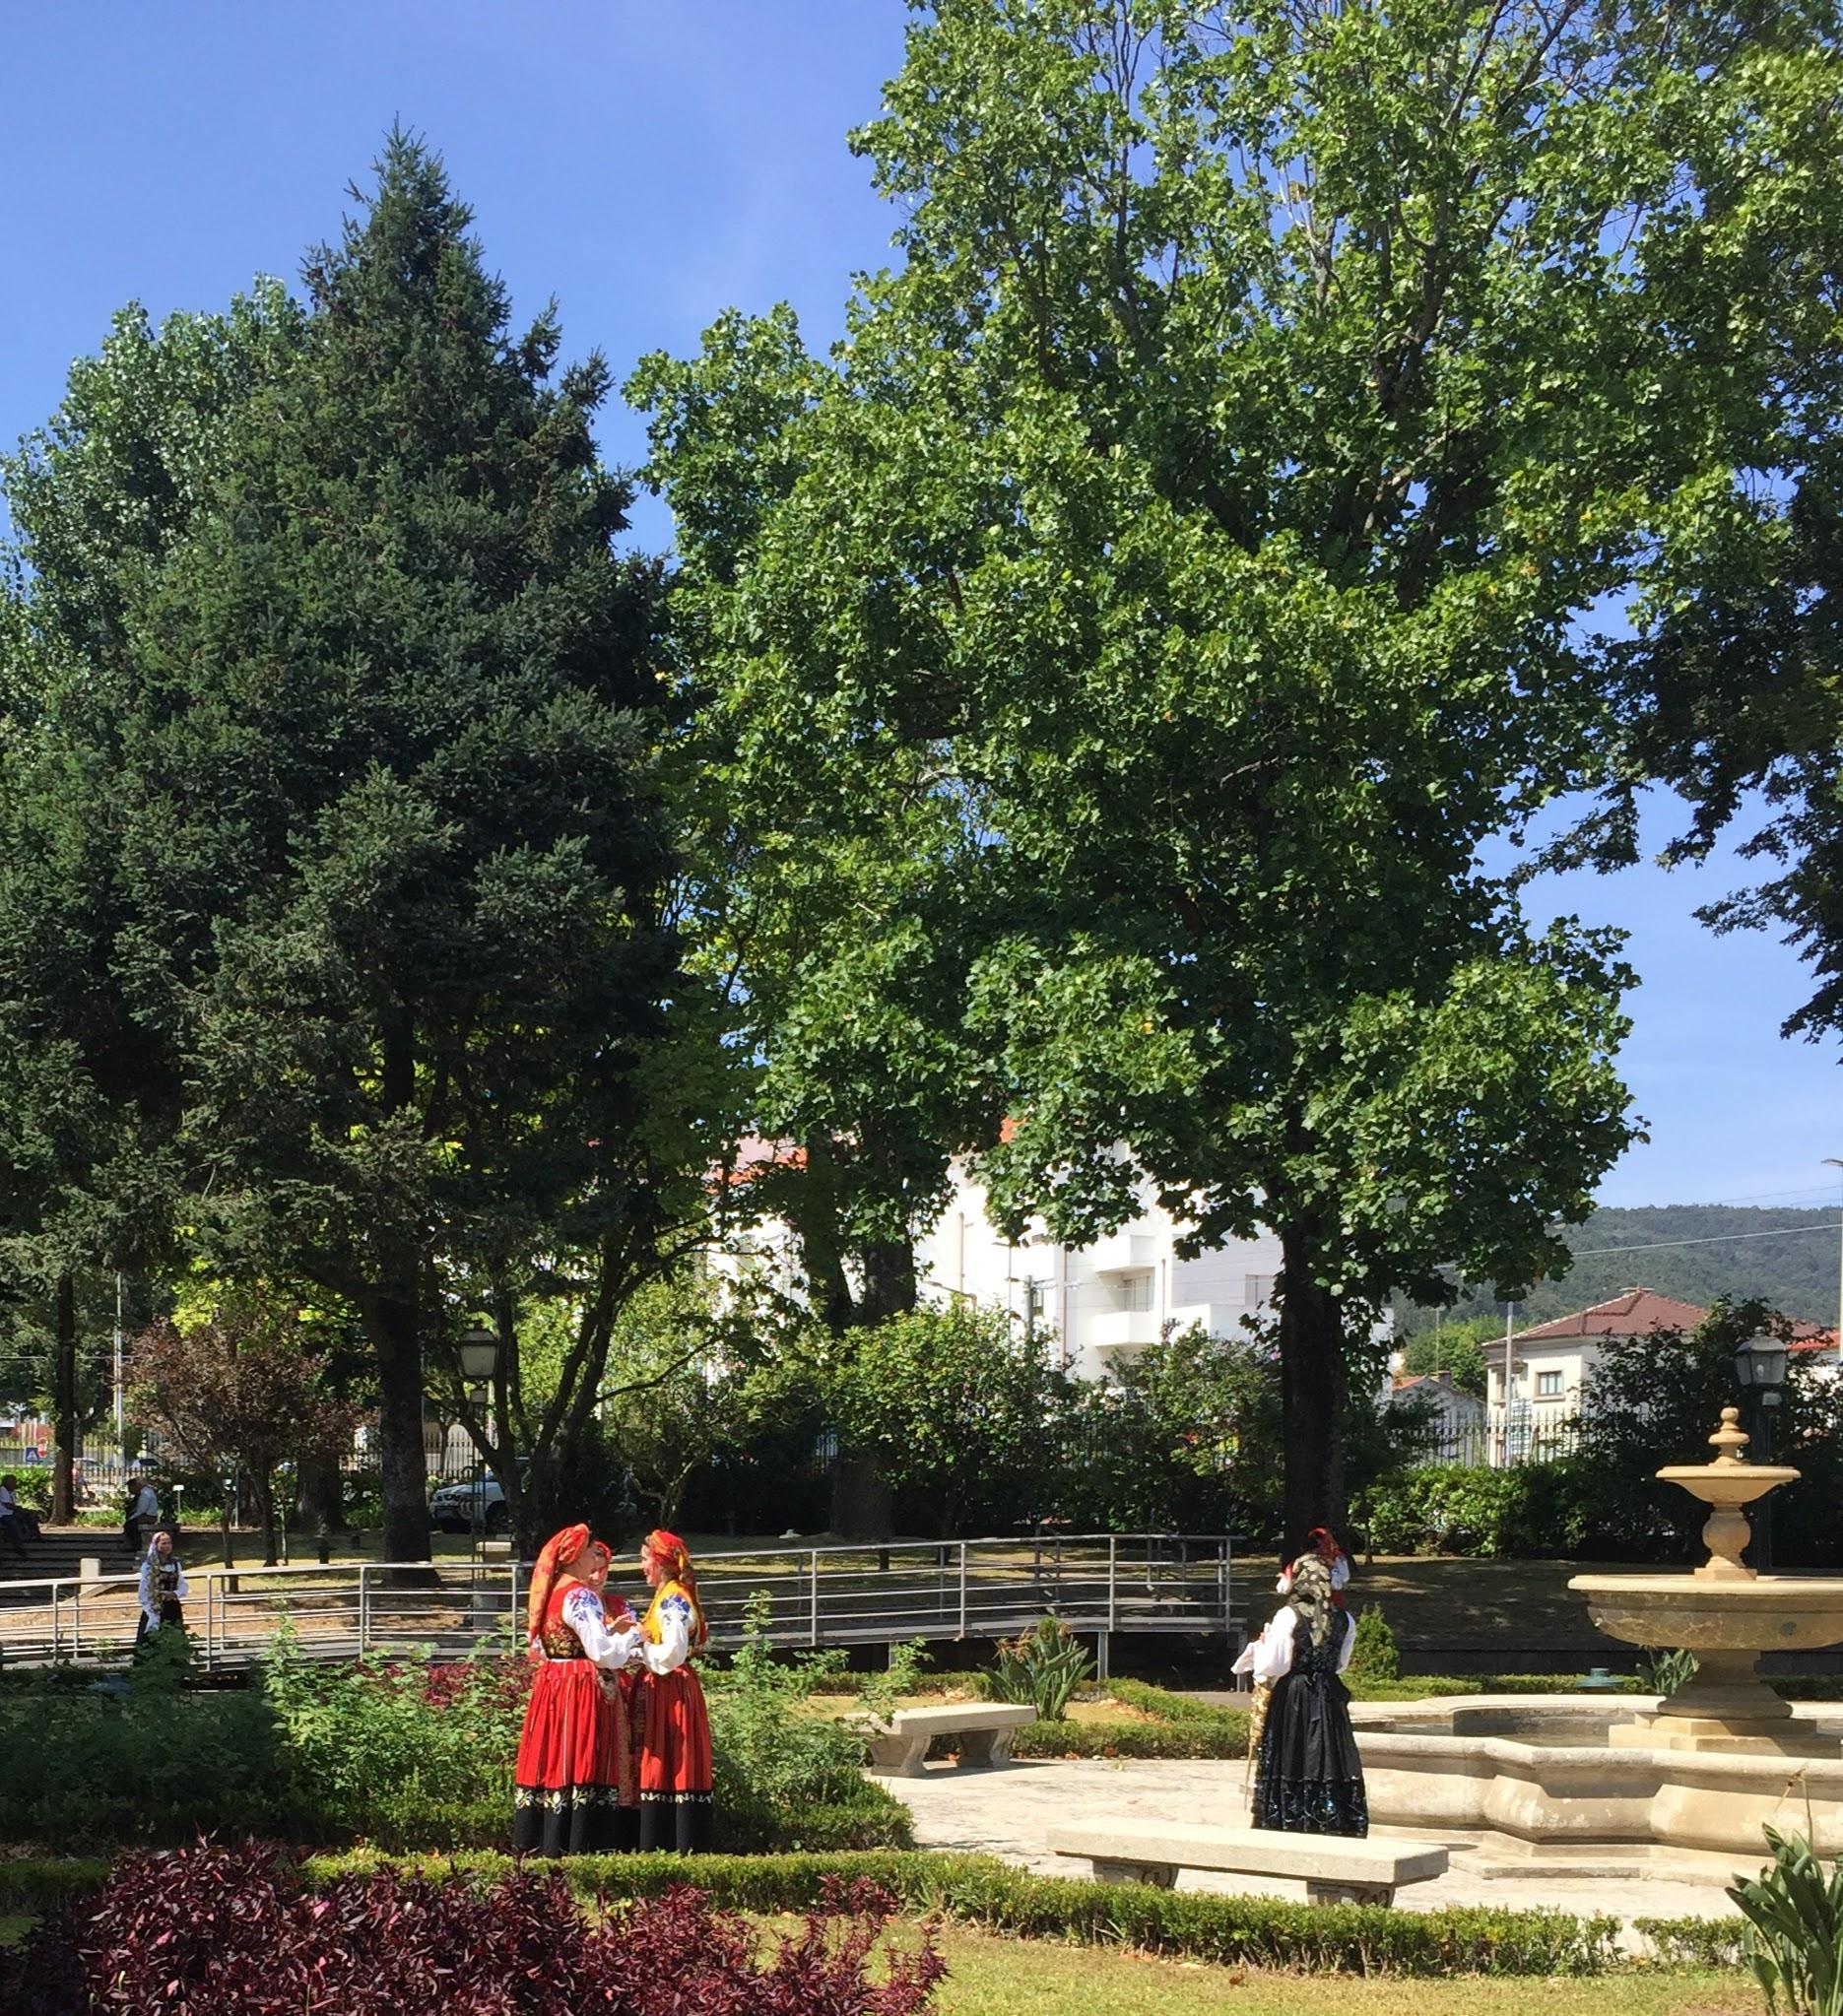 Women dressed for the parade, Viana do Castelo, Portugal